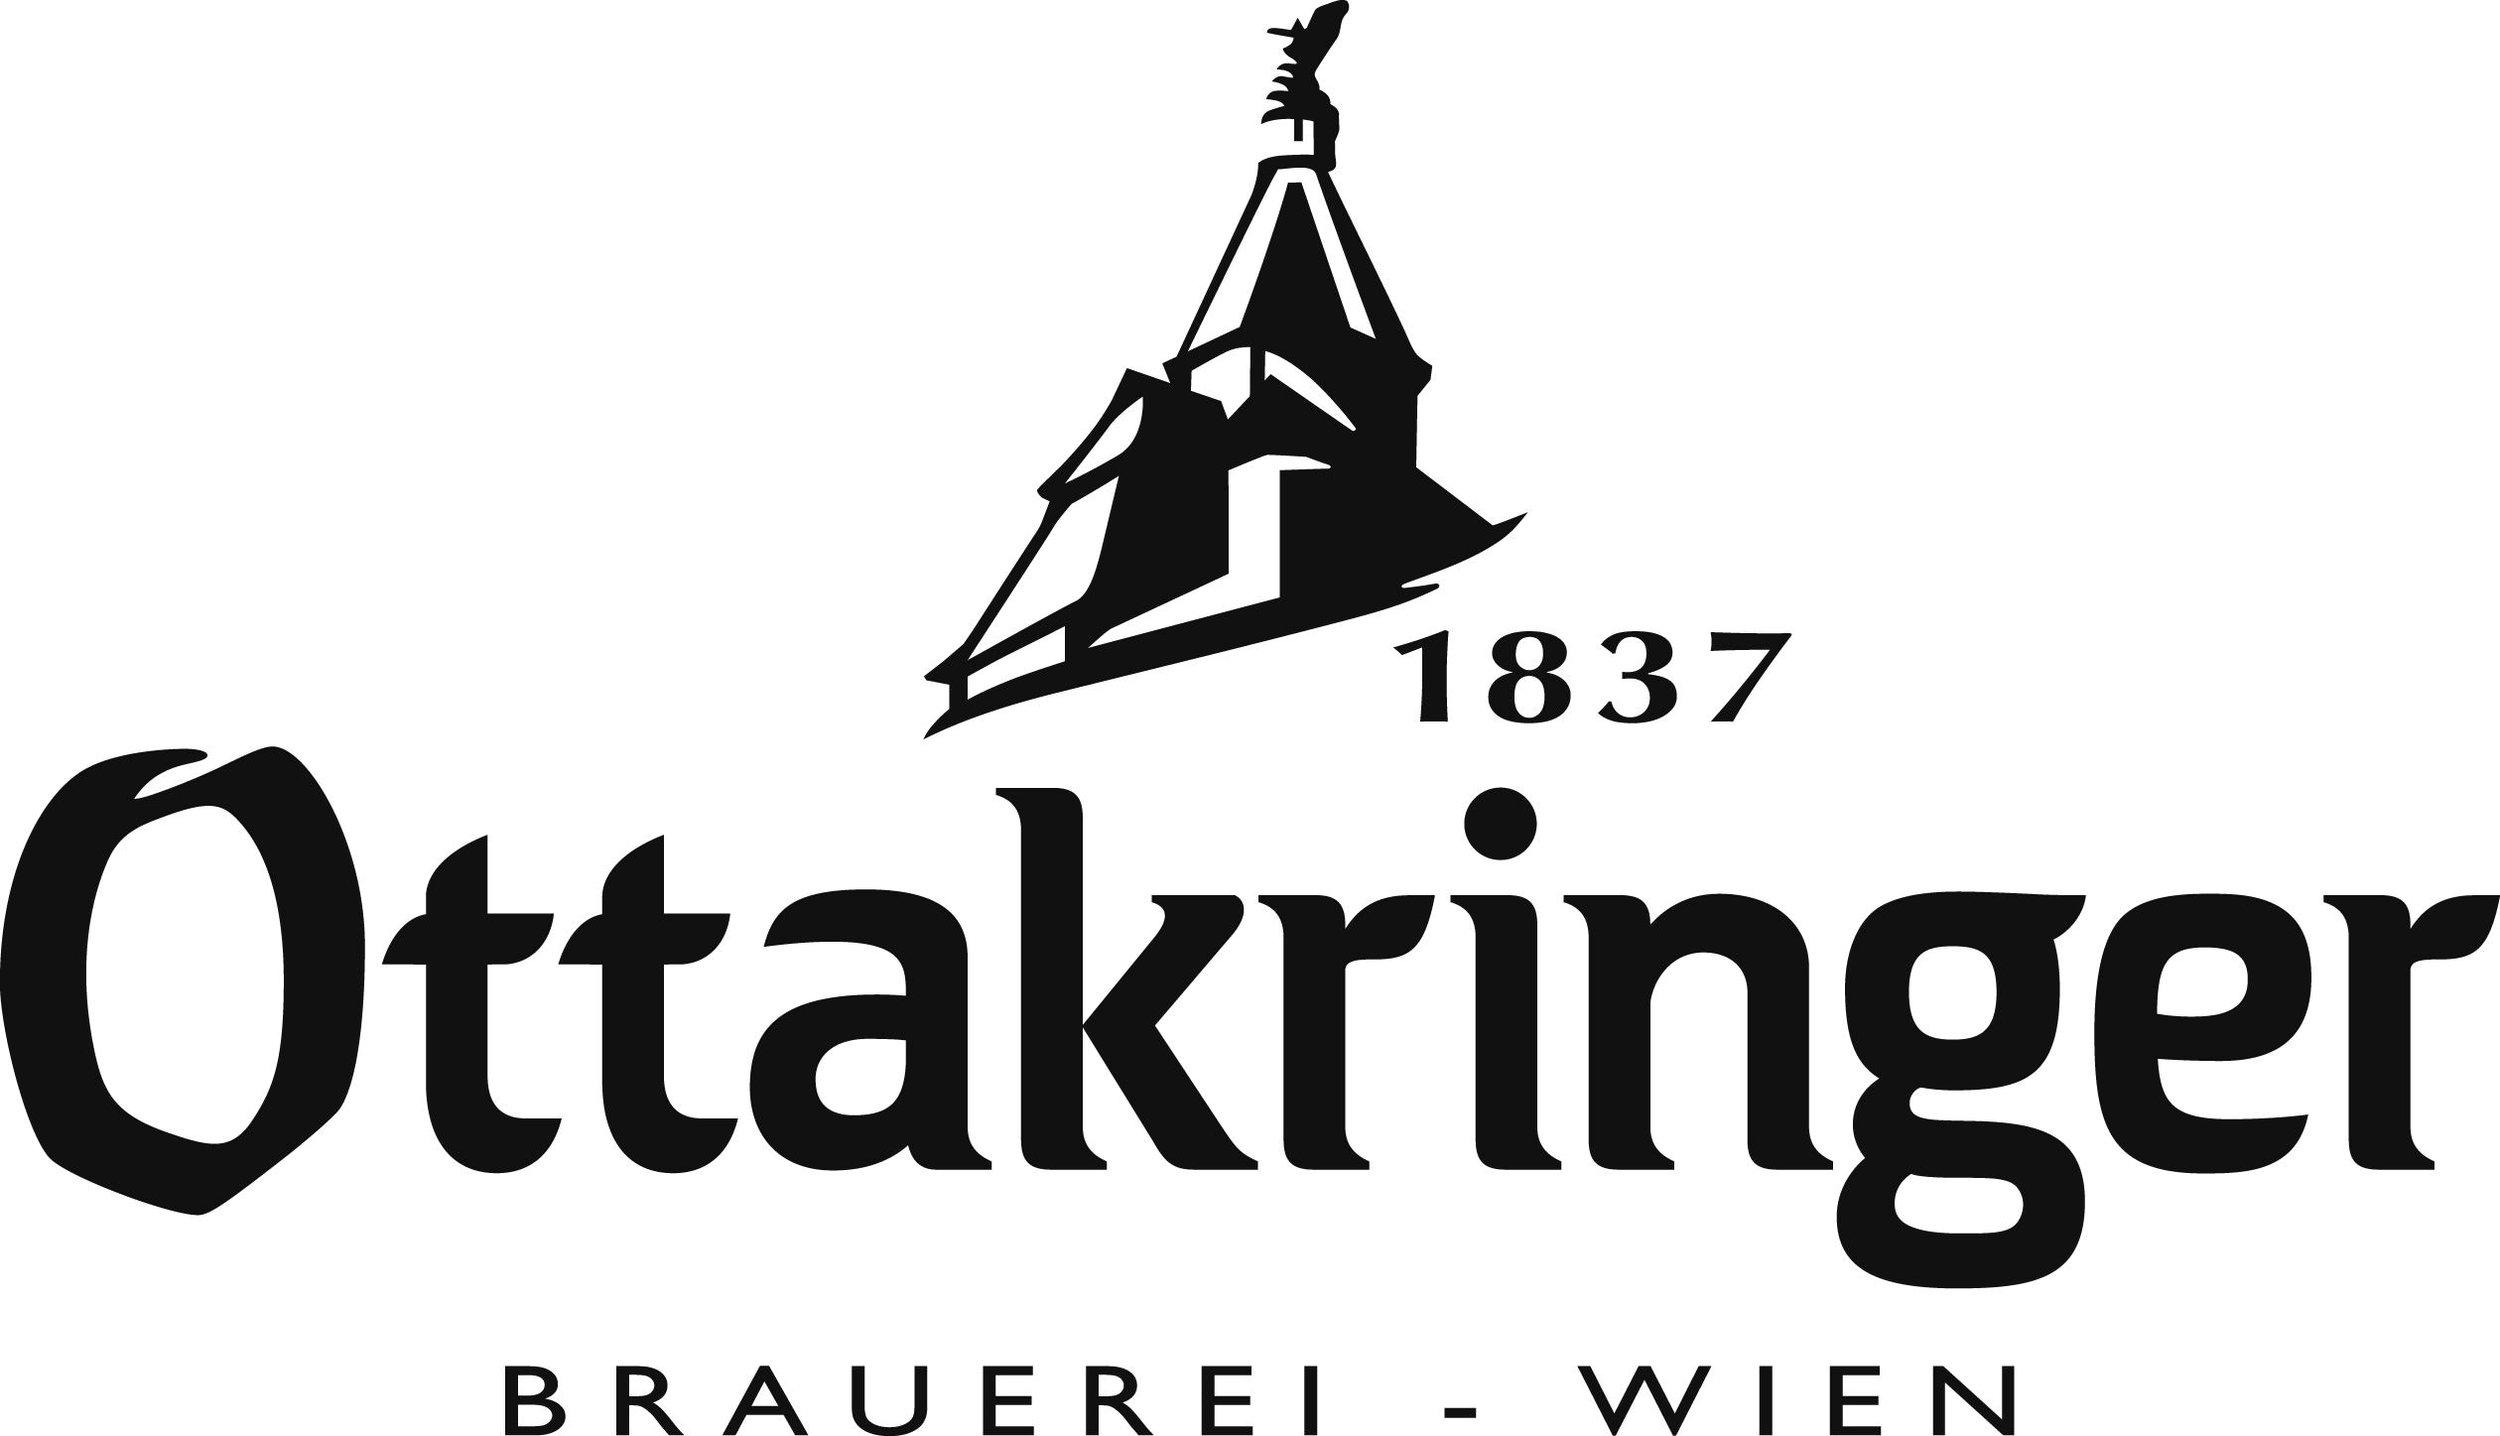 Ottakringer Brauerei.jpg